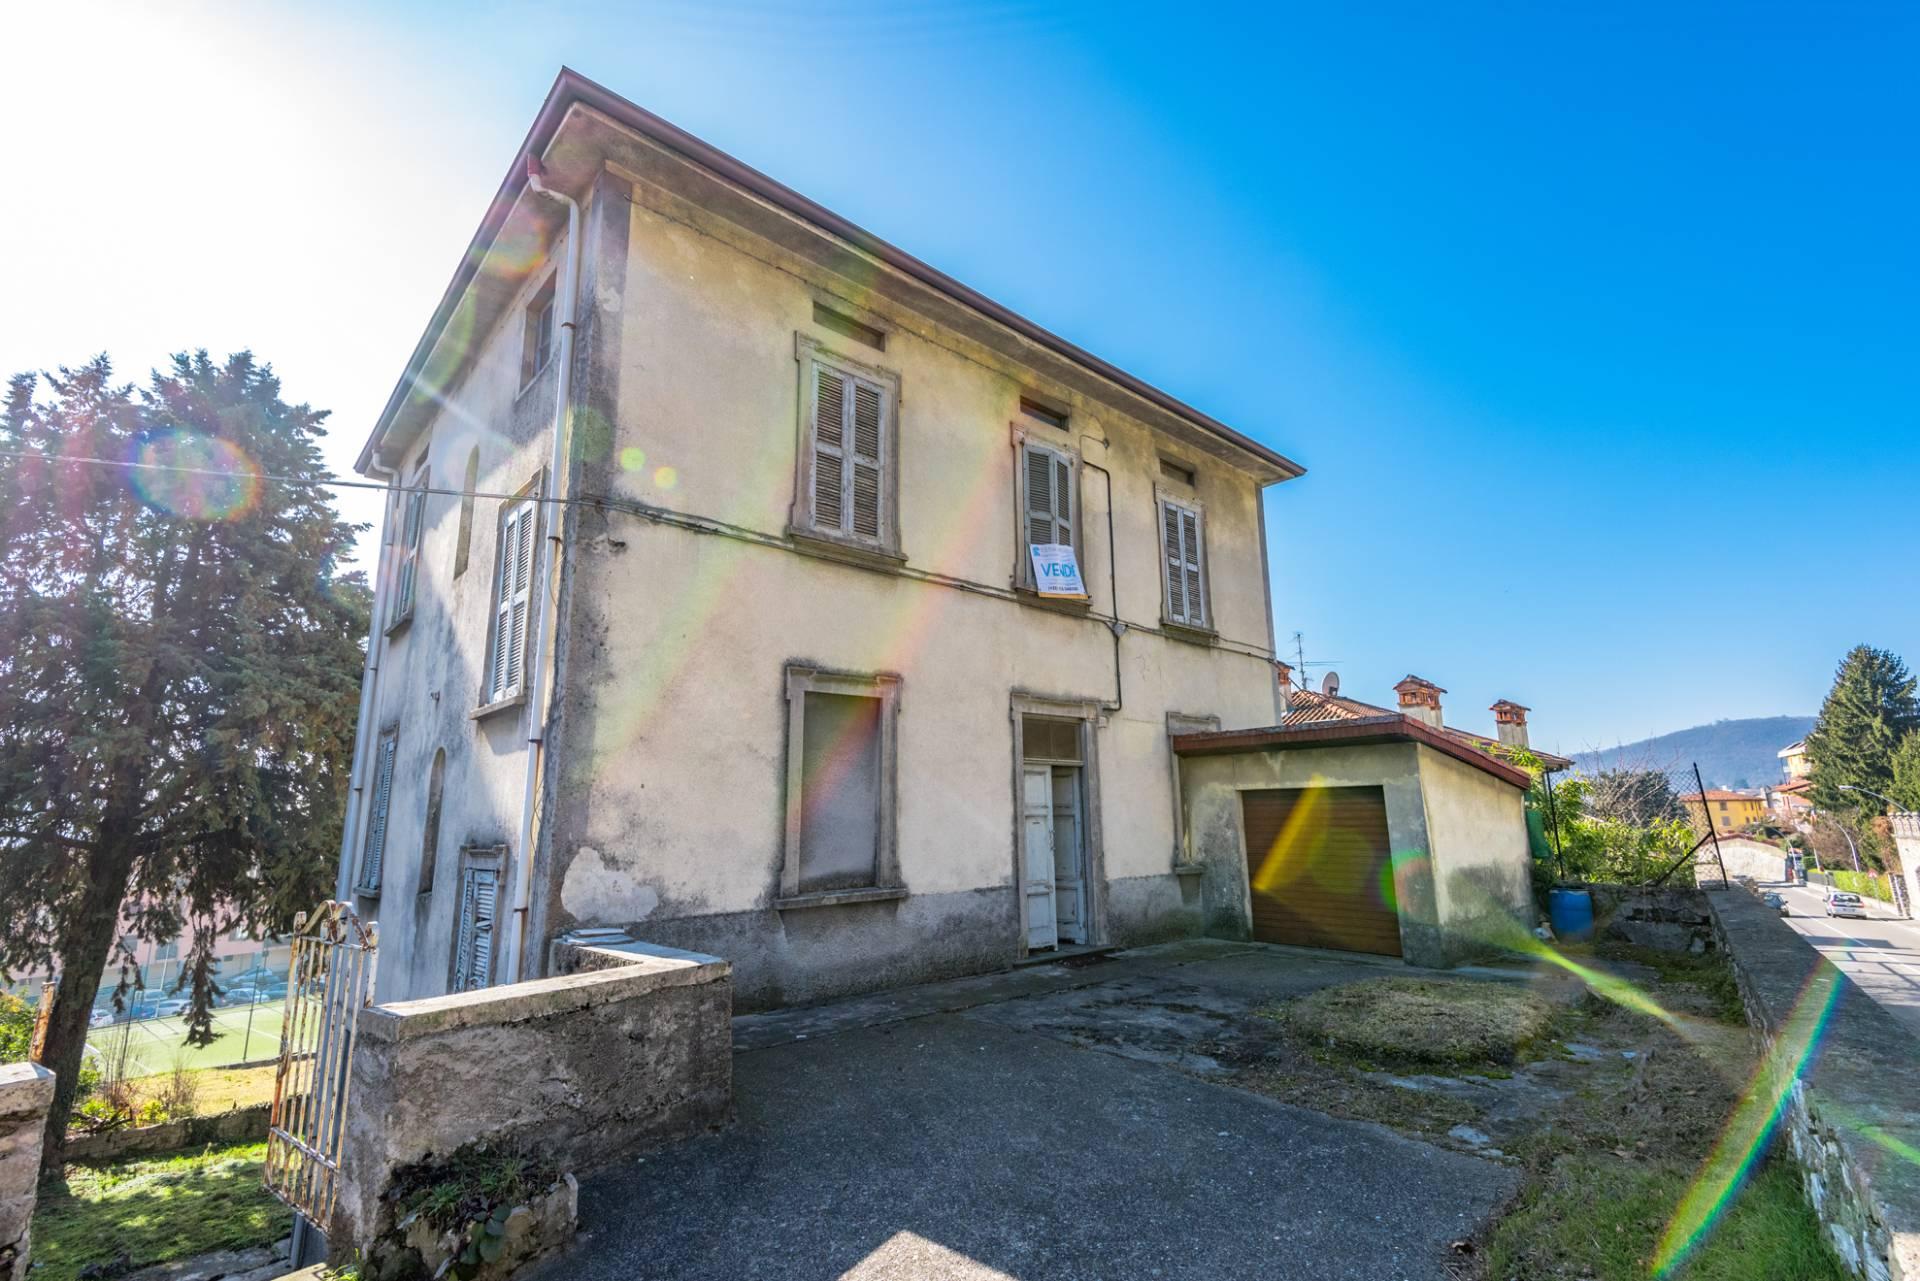 Soluzione Indipendente in vendita a Alzano Lombardo, 10 locali, prezzo € 290.000 | PortaleAgenzieImmobiliari.it